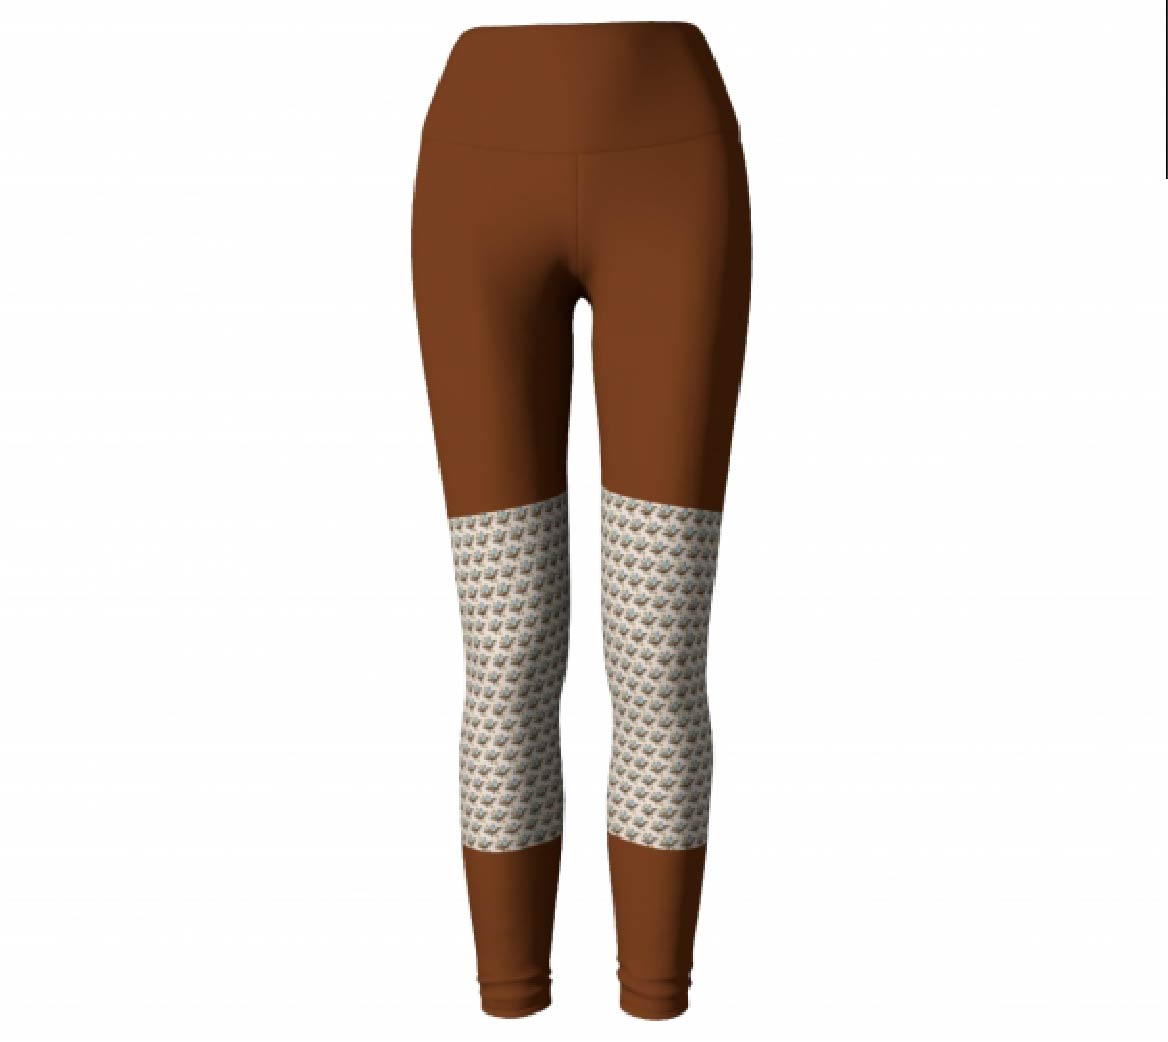 Rust Leggings #2         $45